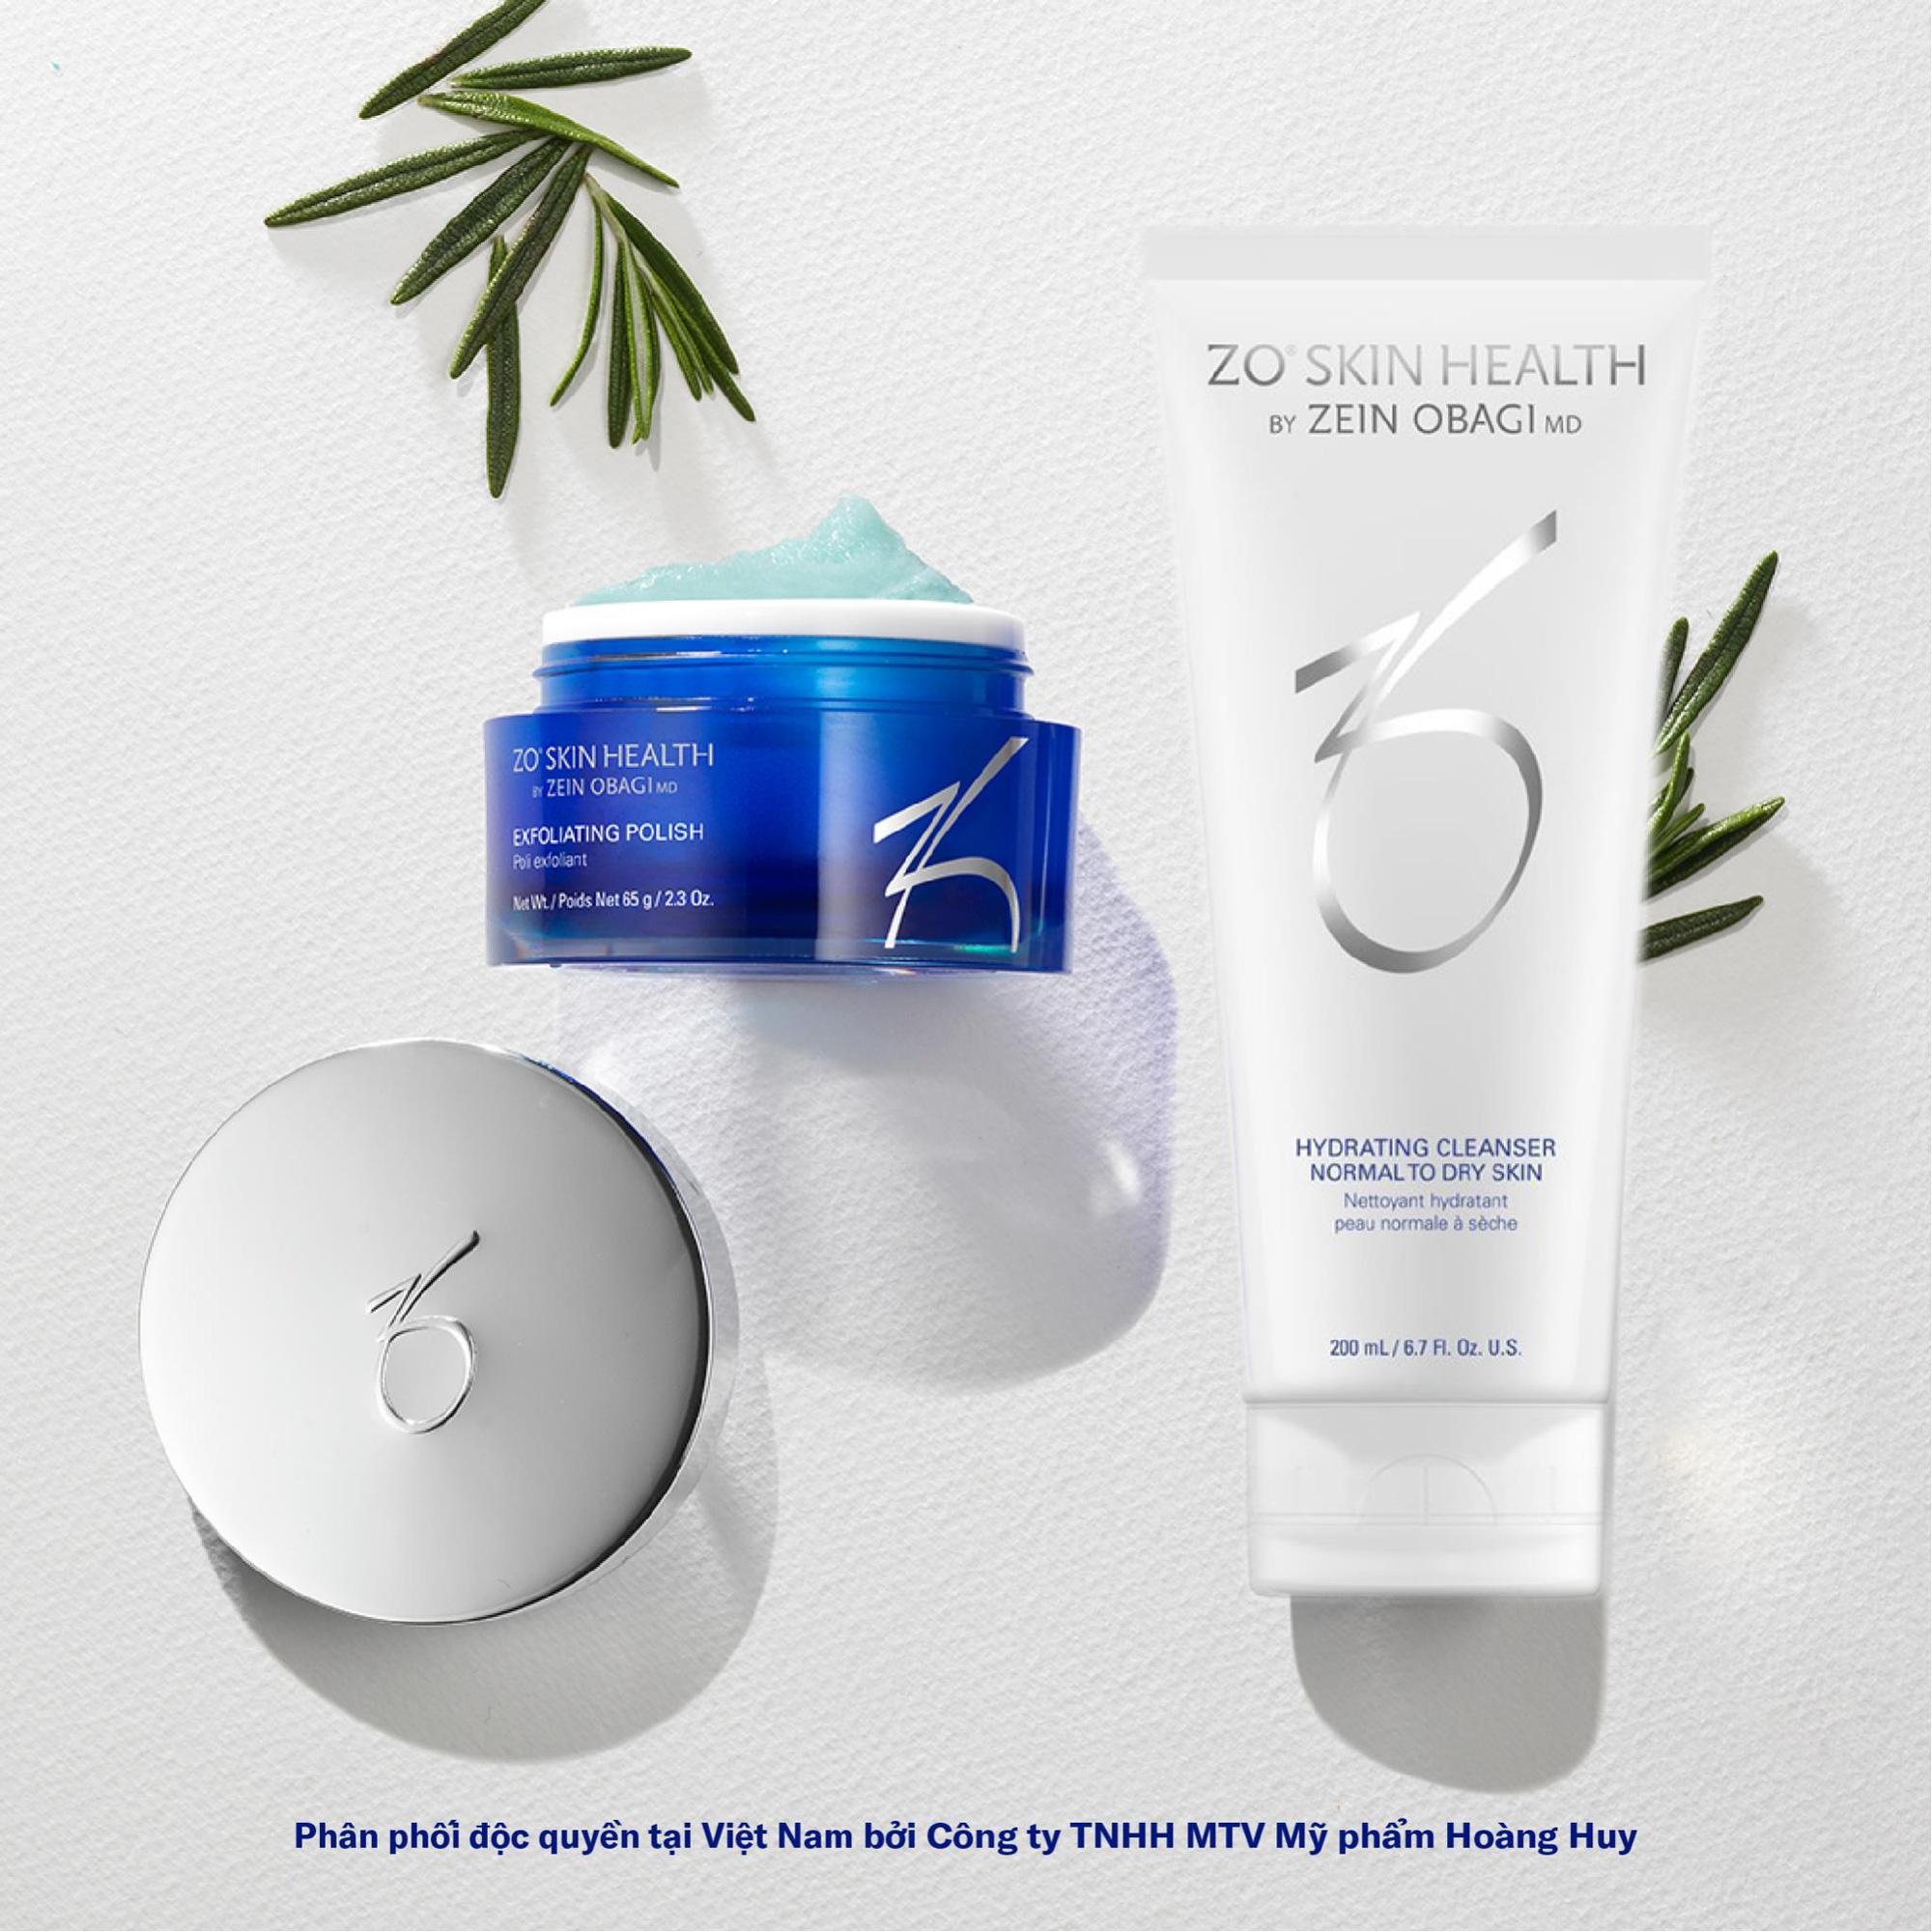 Nguyên tắc lý tưởng giúp làn da trở nên khỏe đẹp với dược mỹ phẩm - Ảnh 2.